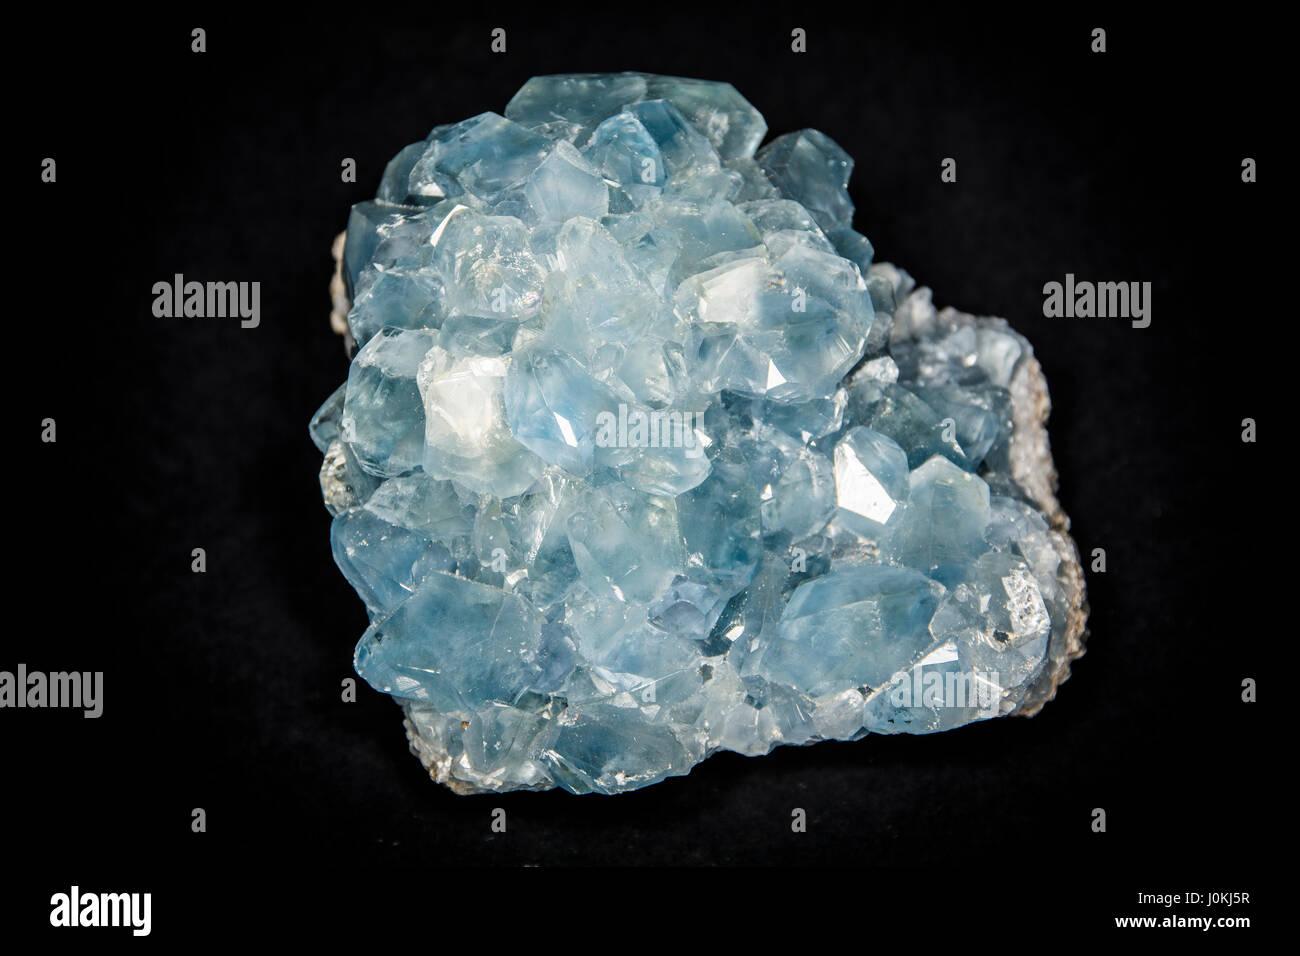 Piece of celestite or celestine crystal in studio shot Stock Photo